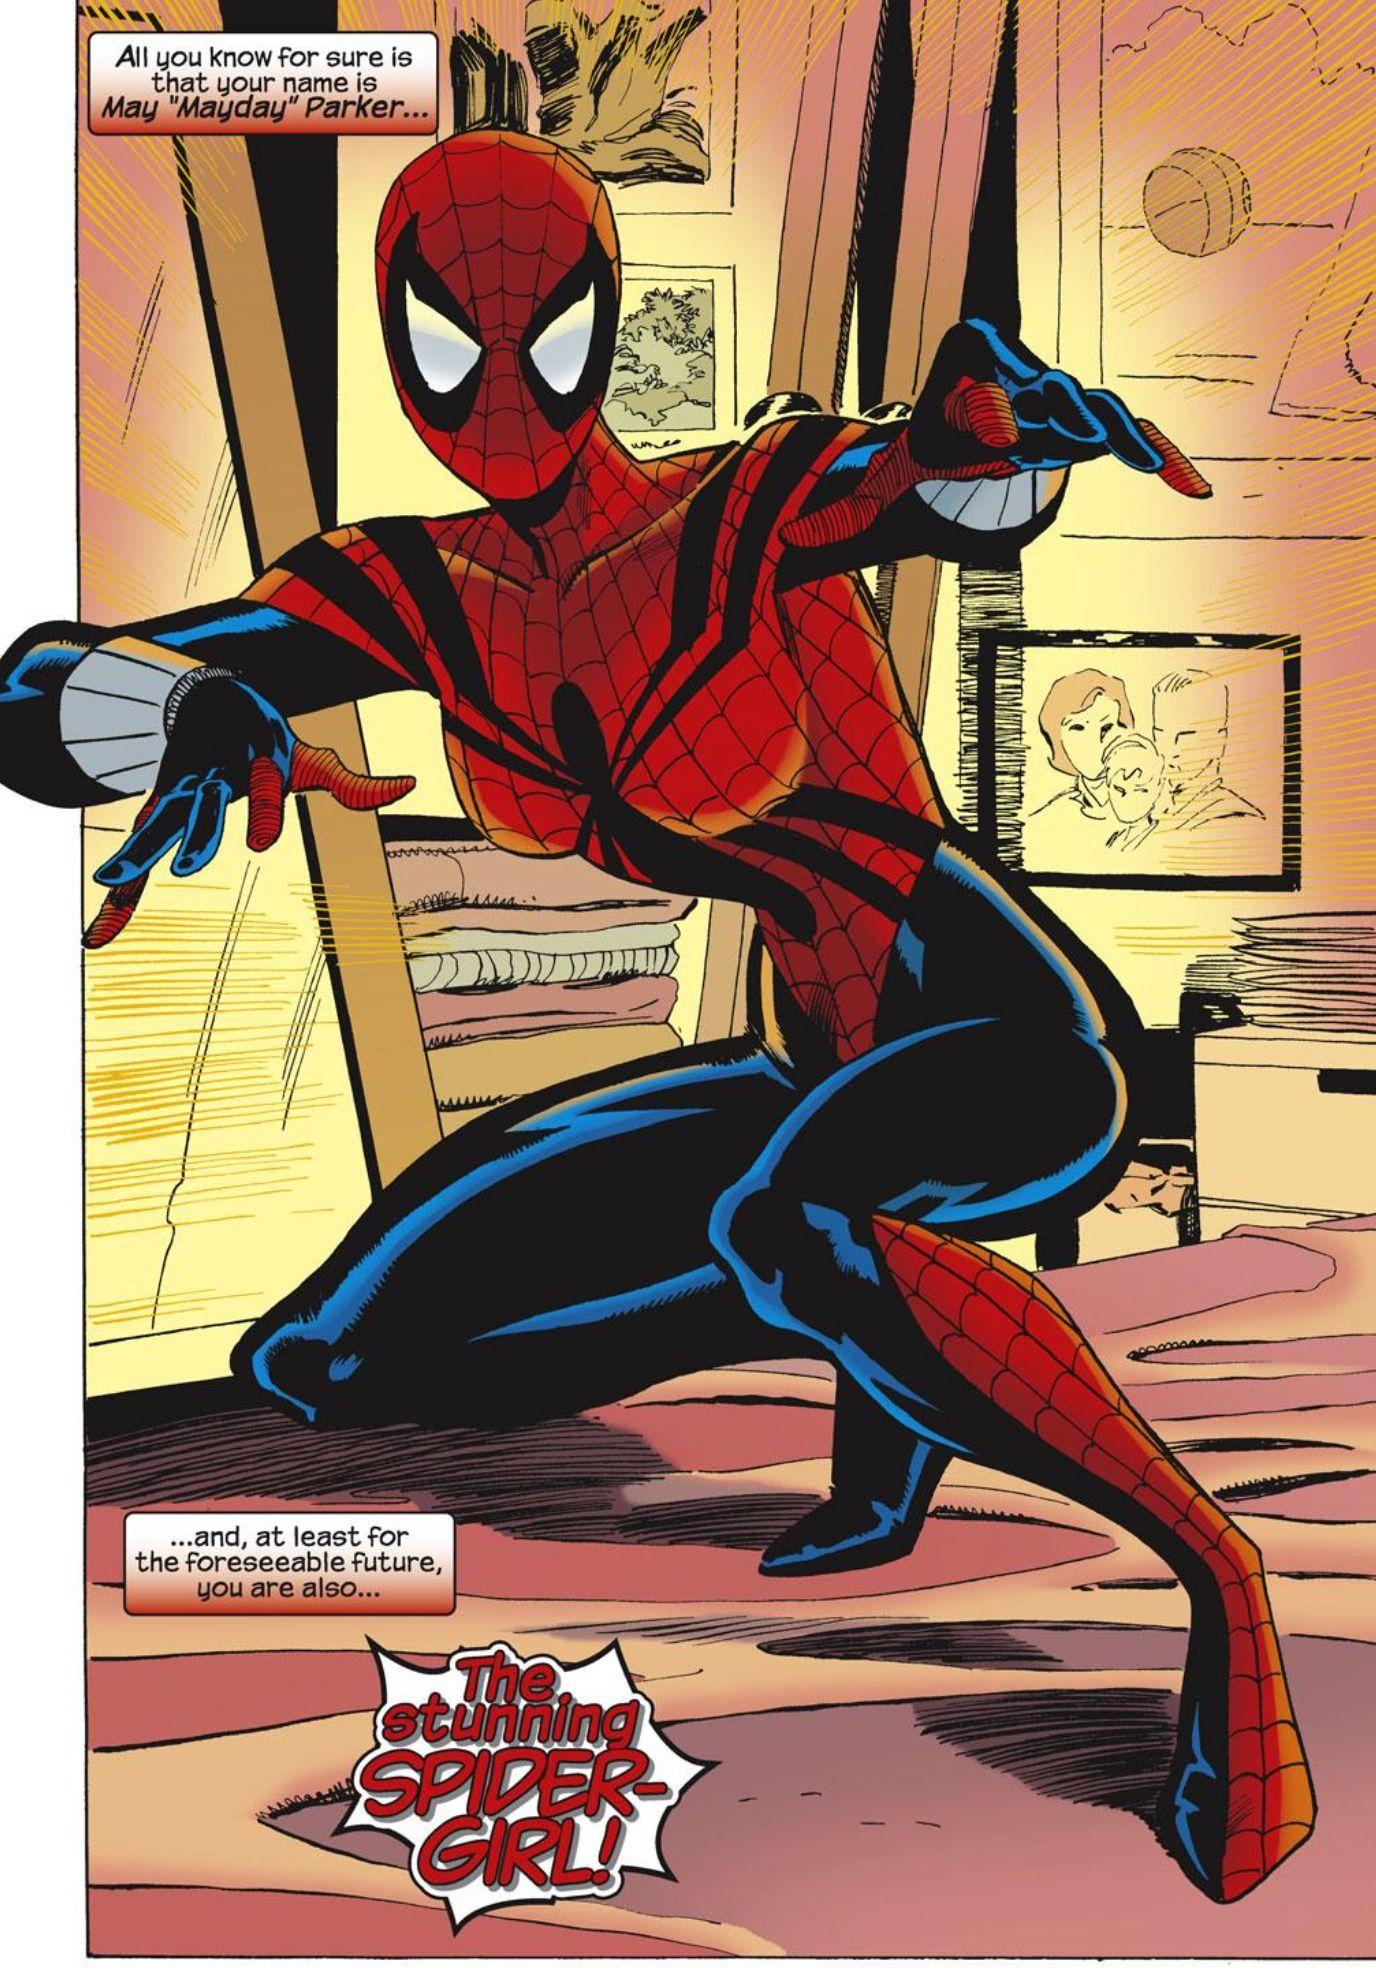 Meilleur De Image Spiderman à Imprimer En Couleur